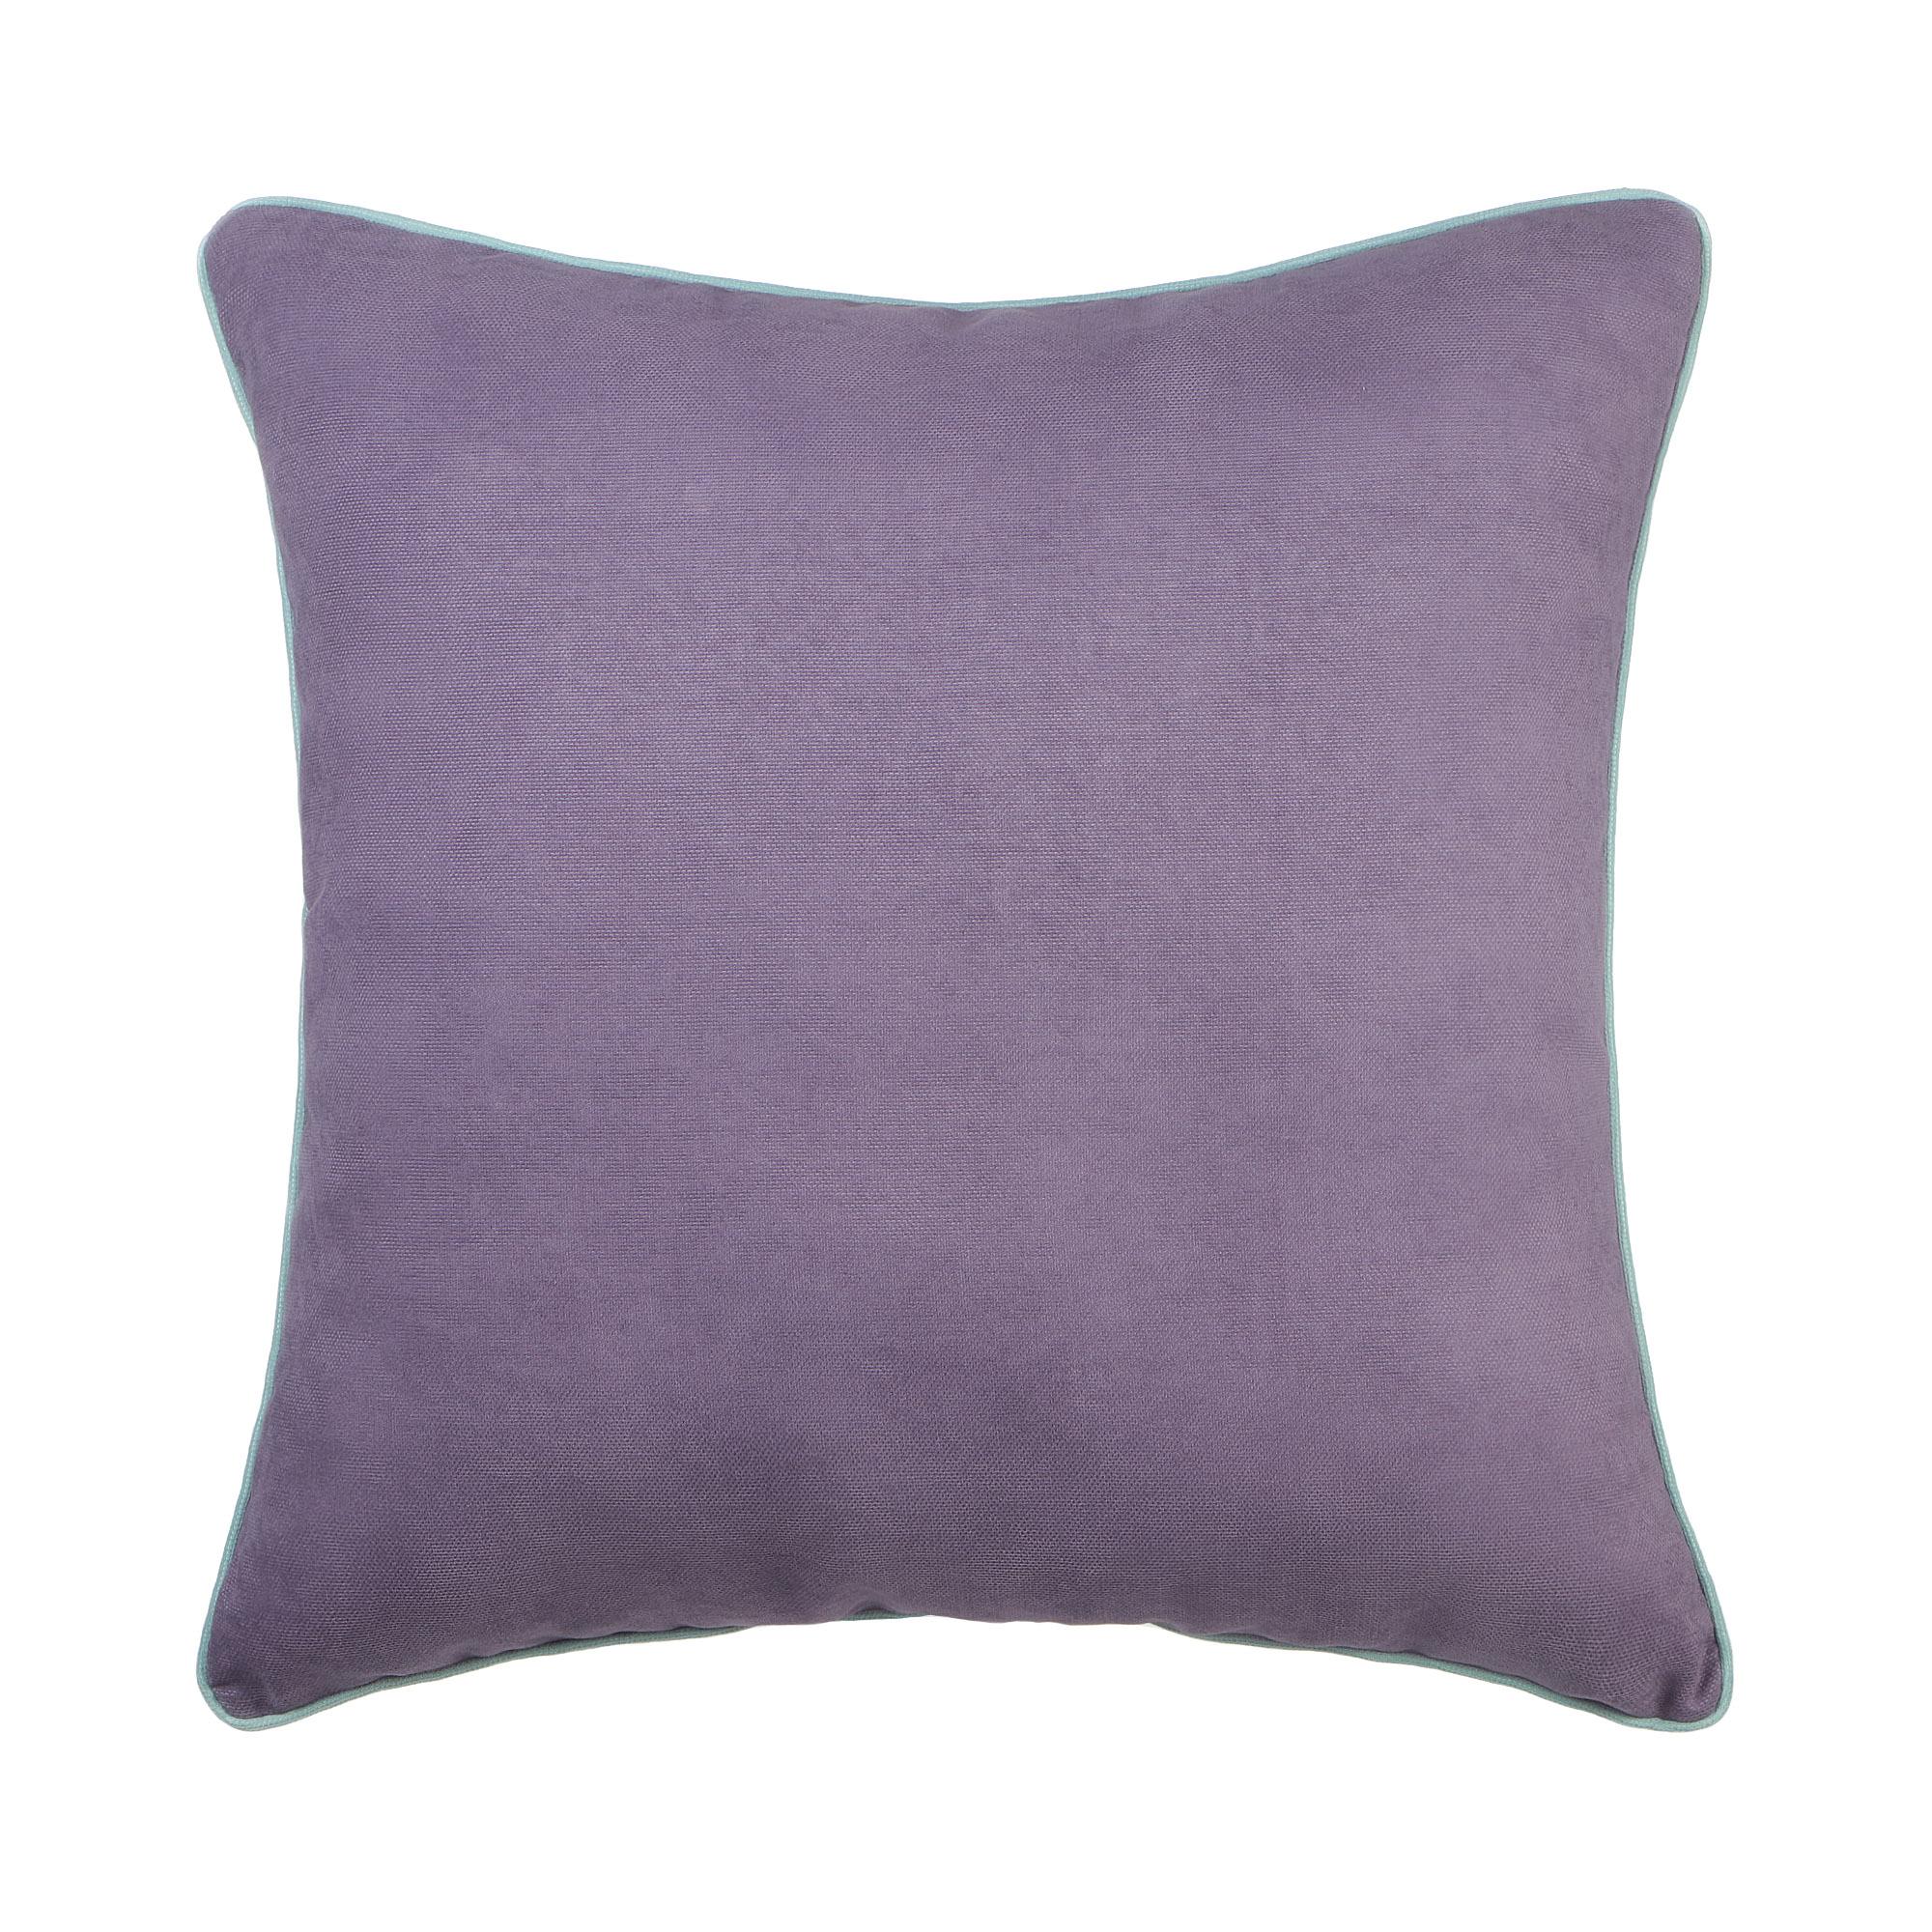 Декоративная подушка Sanpa Элиза сиреневая 40х40 см подушка декоративная коллекция а6 камуфляж 40х40 см